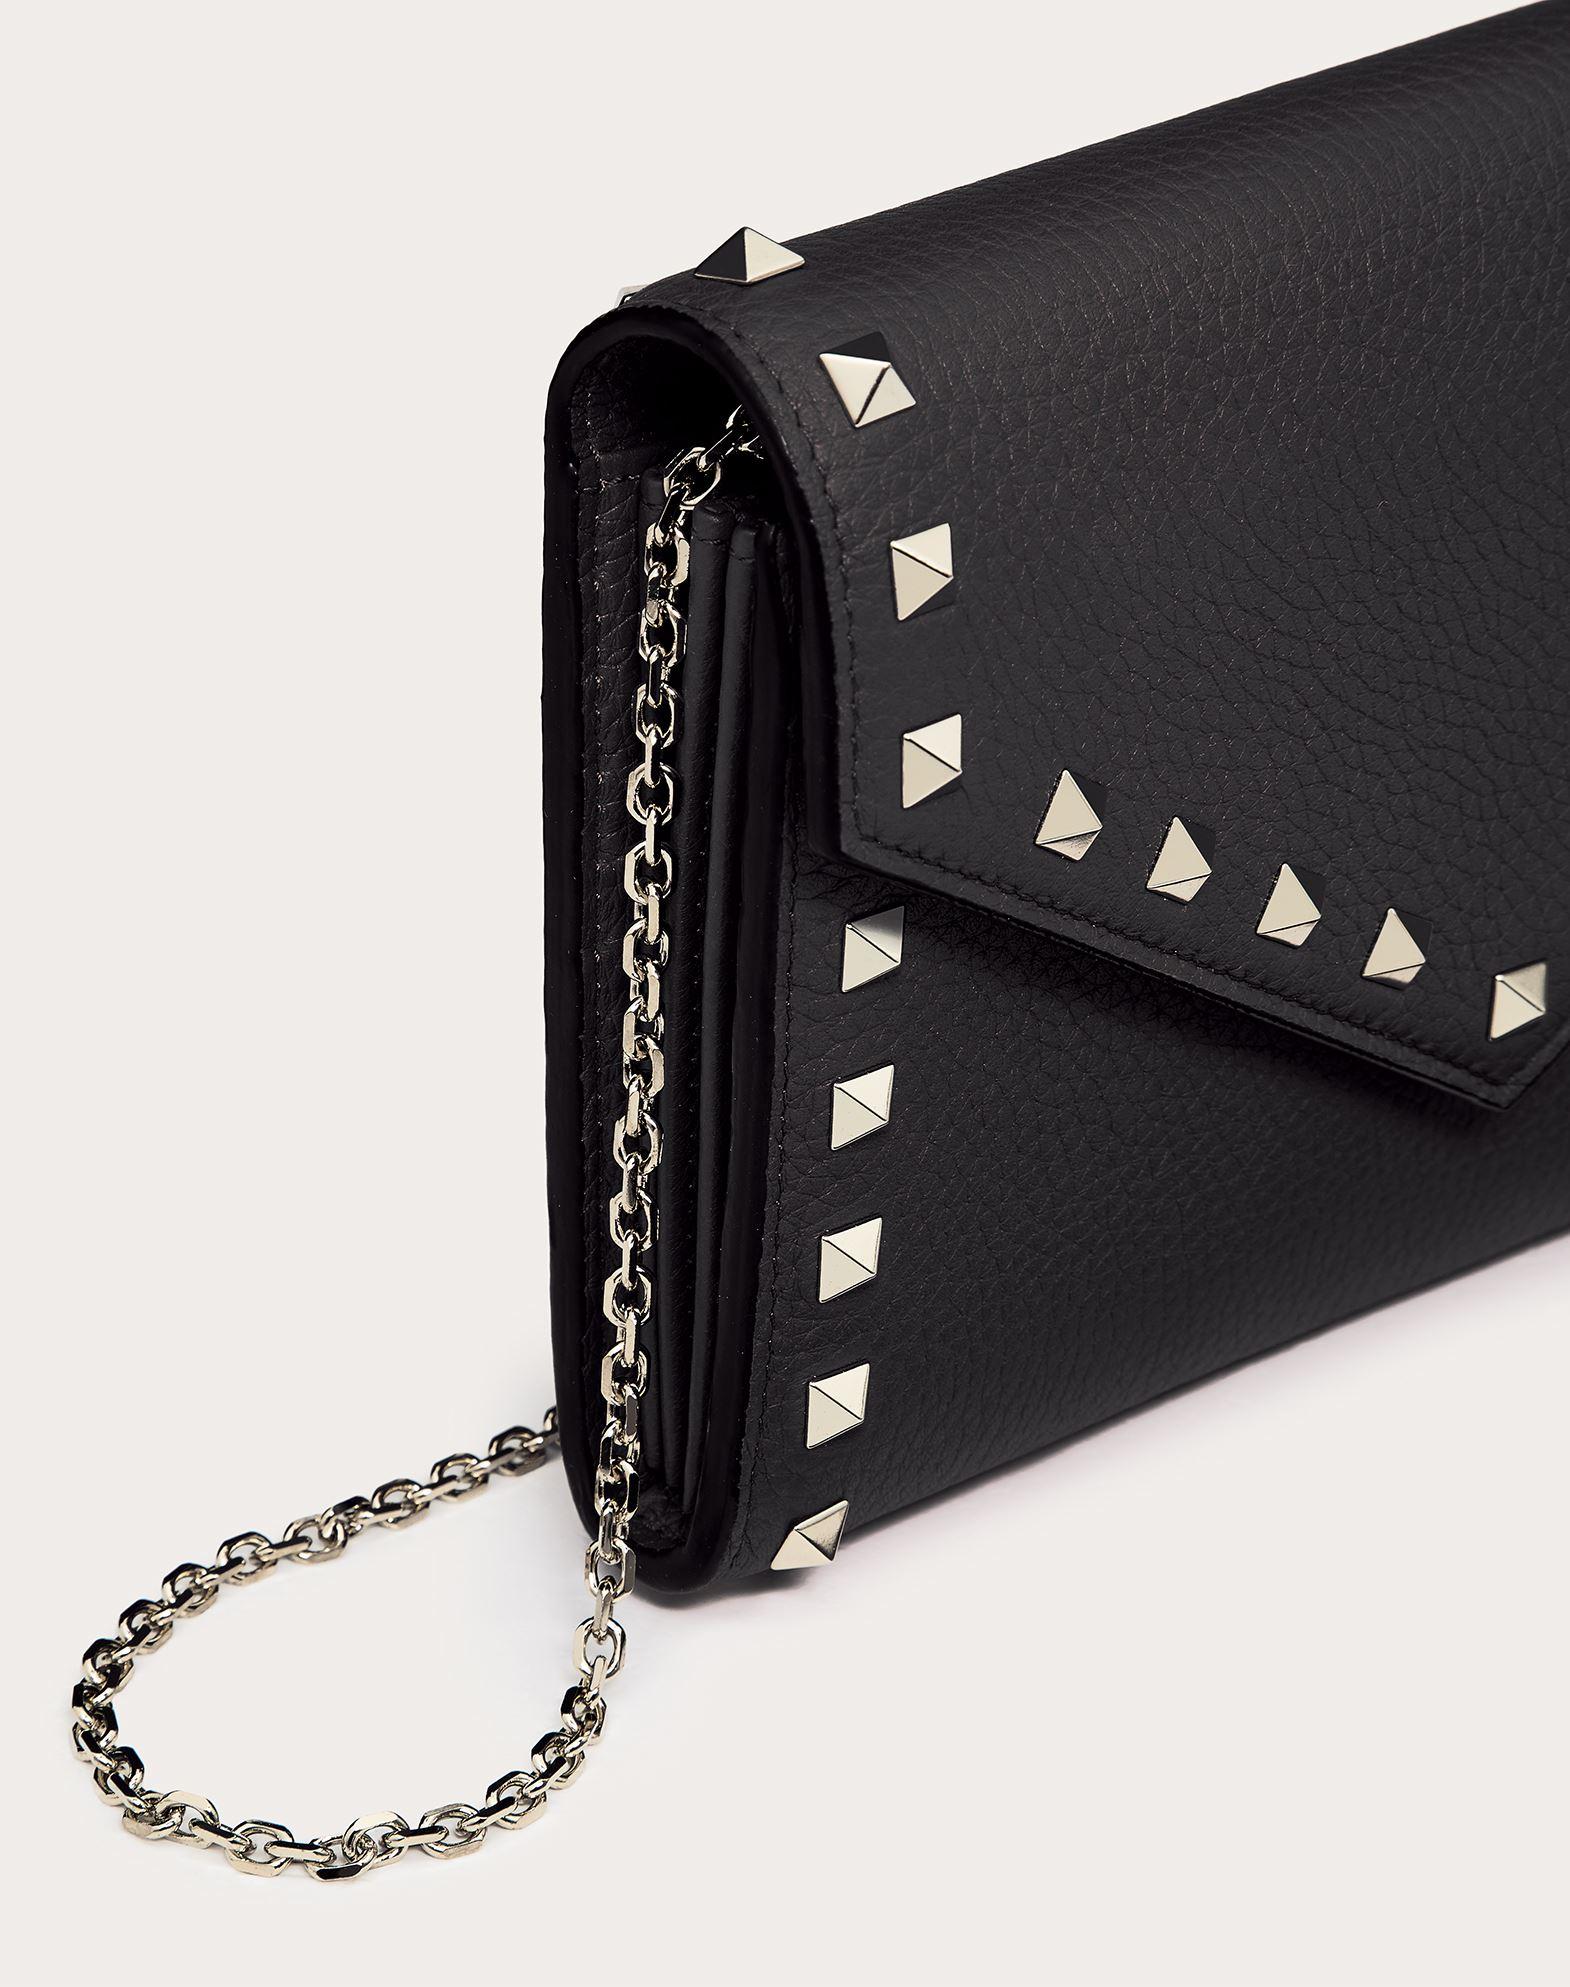 VALENTINO GARAVANI Rockstud Wallet with chain CHAIN WALLETS D r